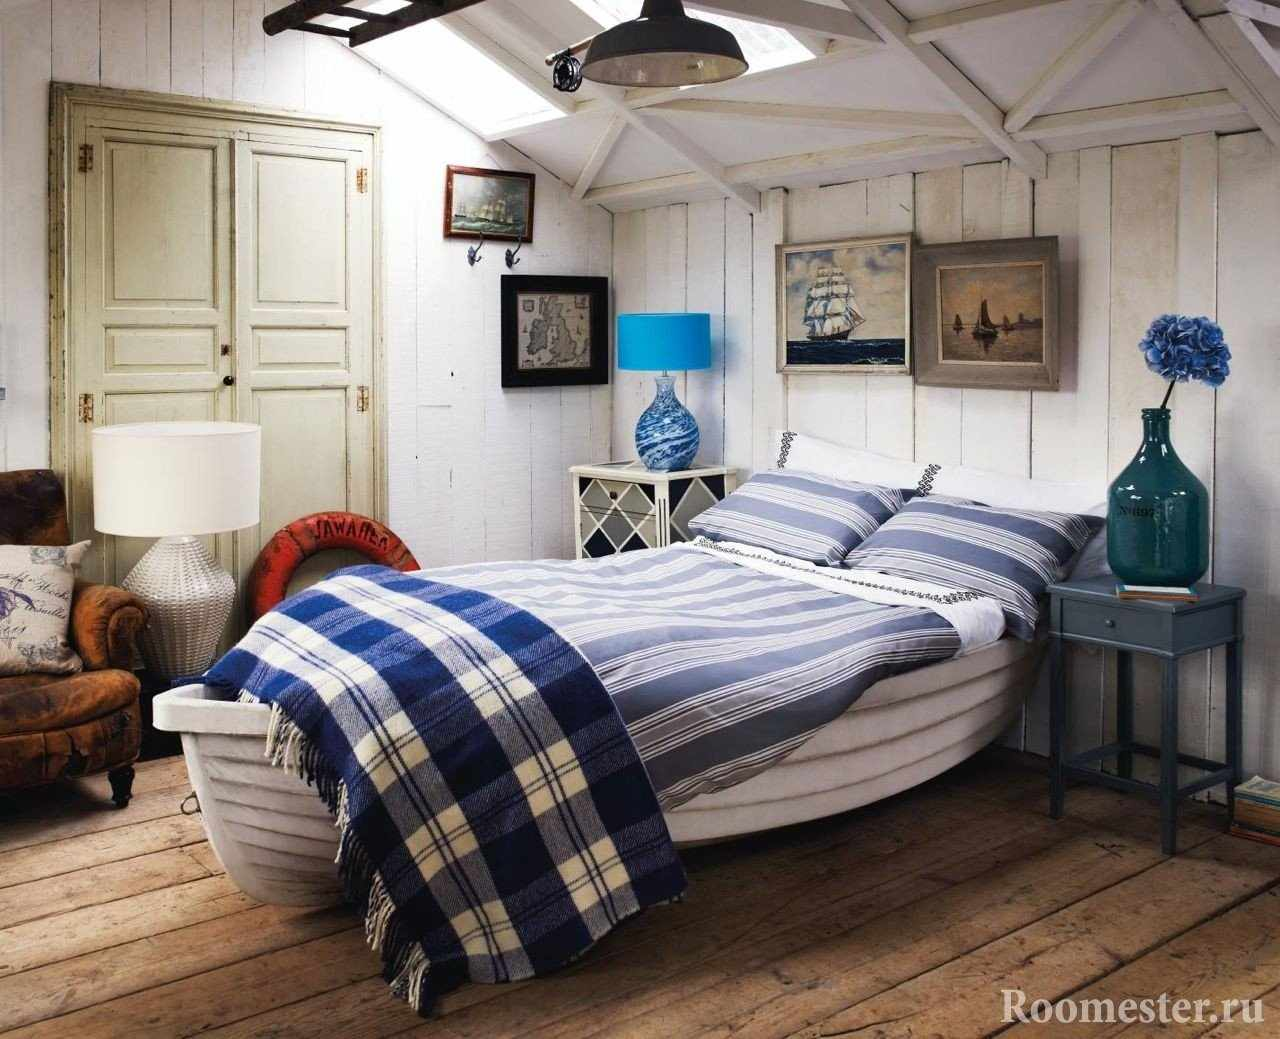 Кровать в форме лодки